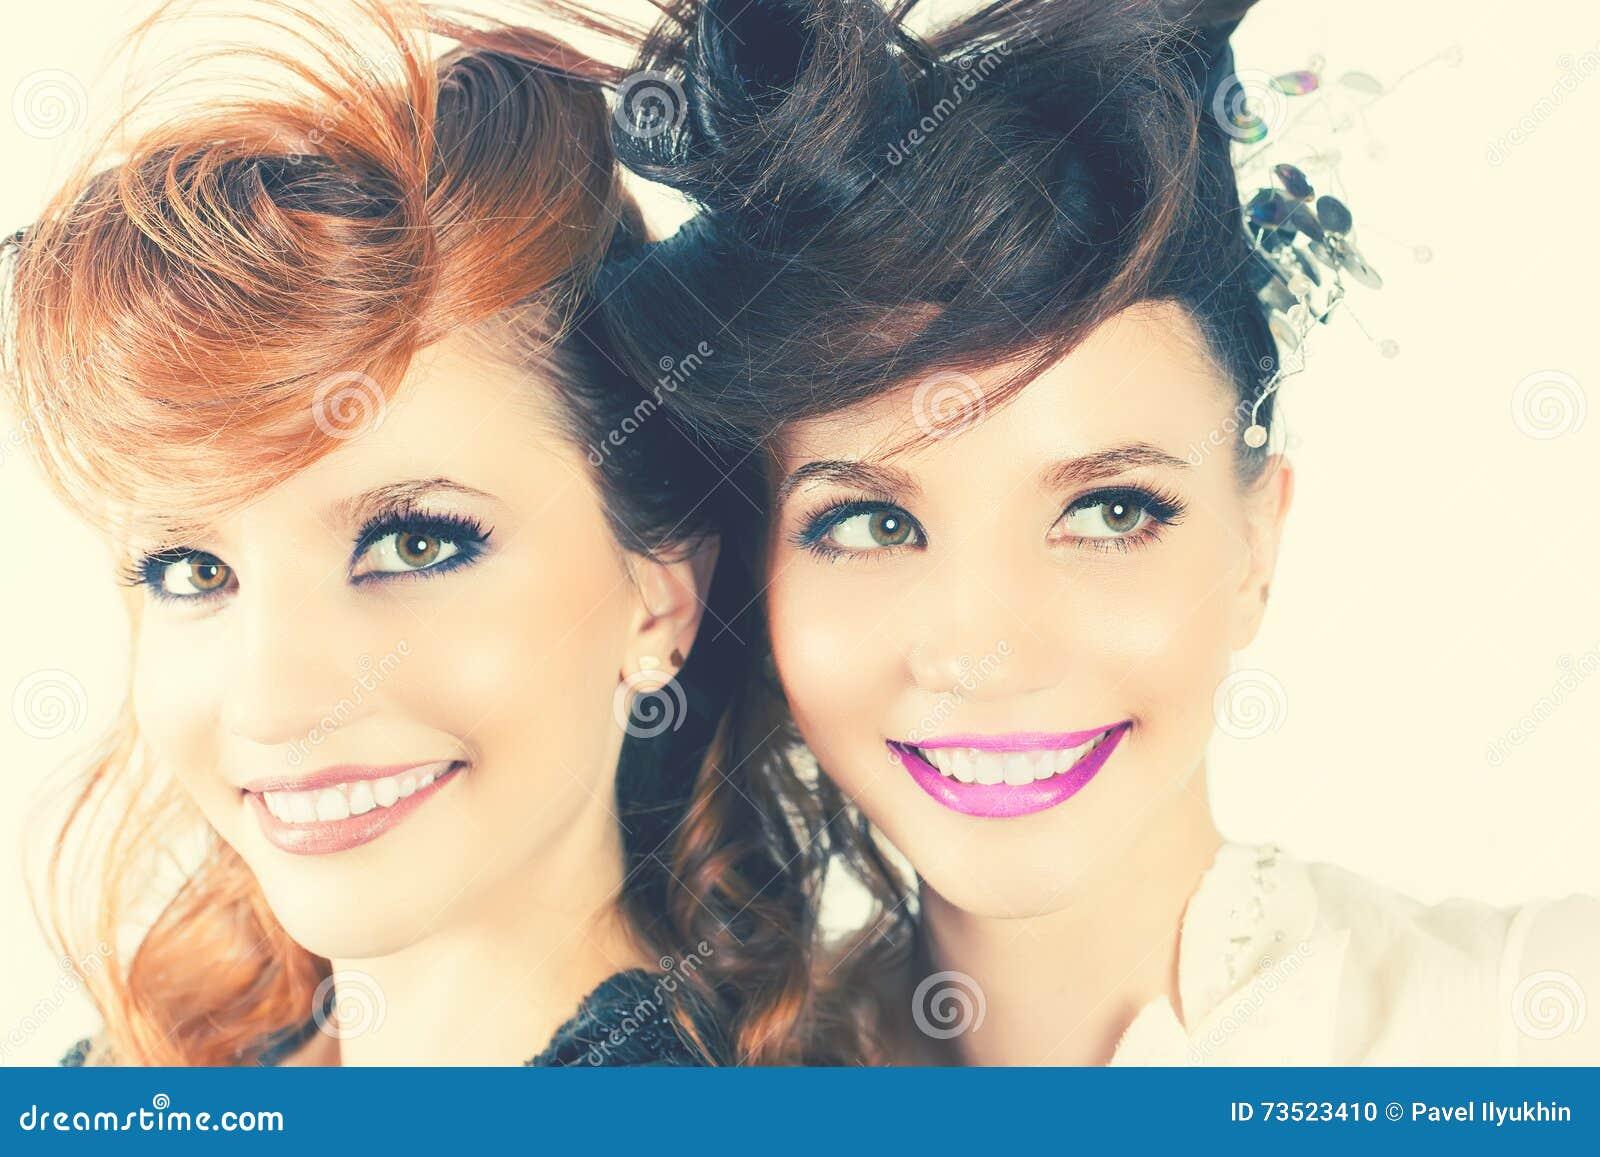 Gorgeous twin